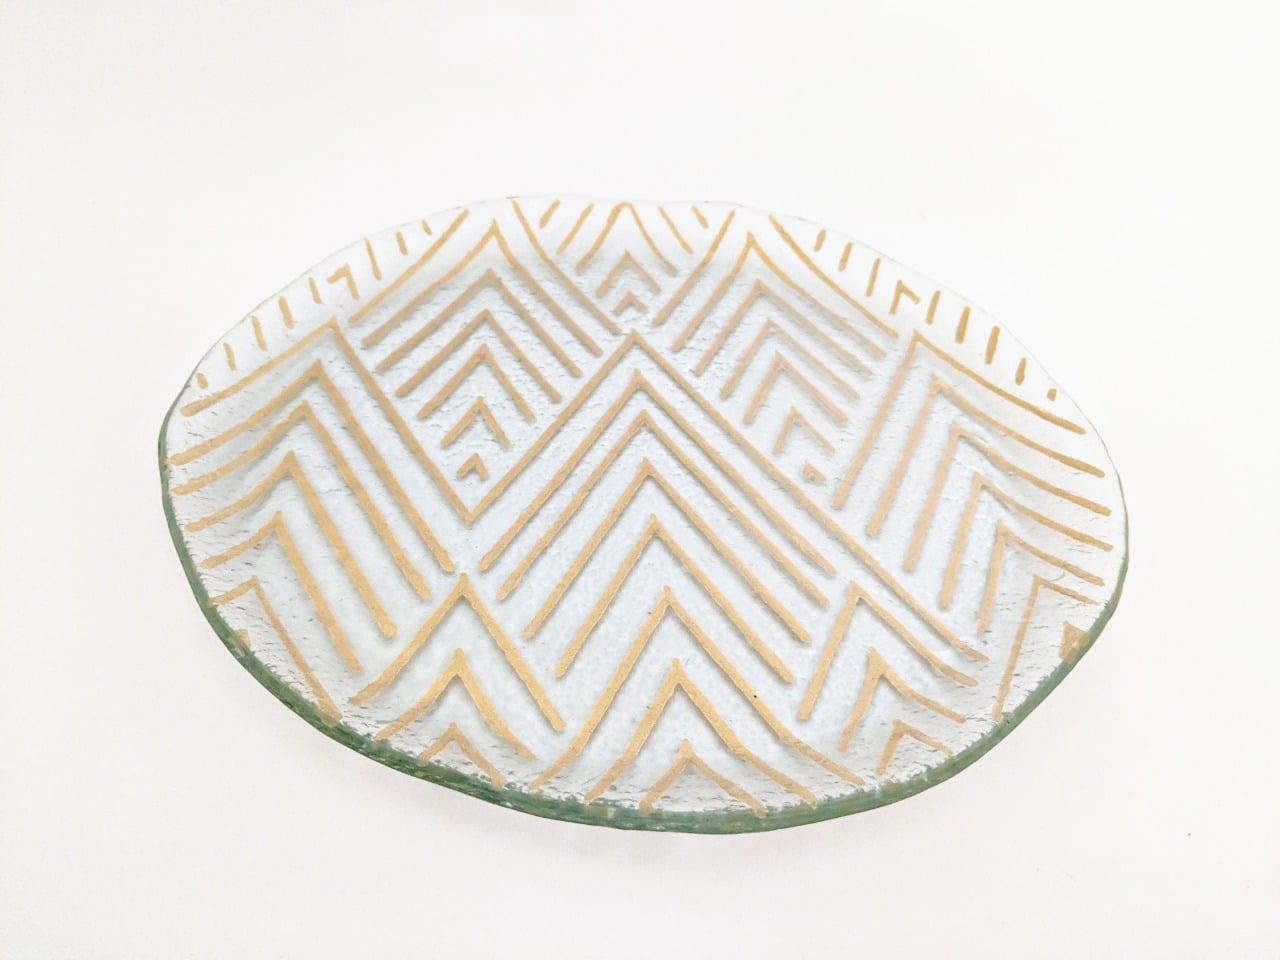 XL Plate